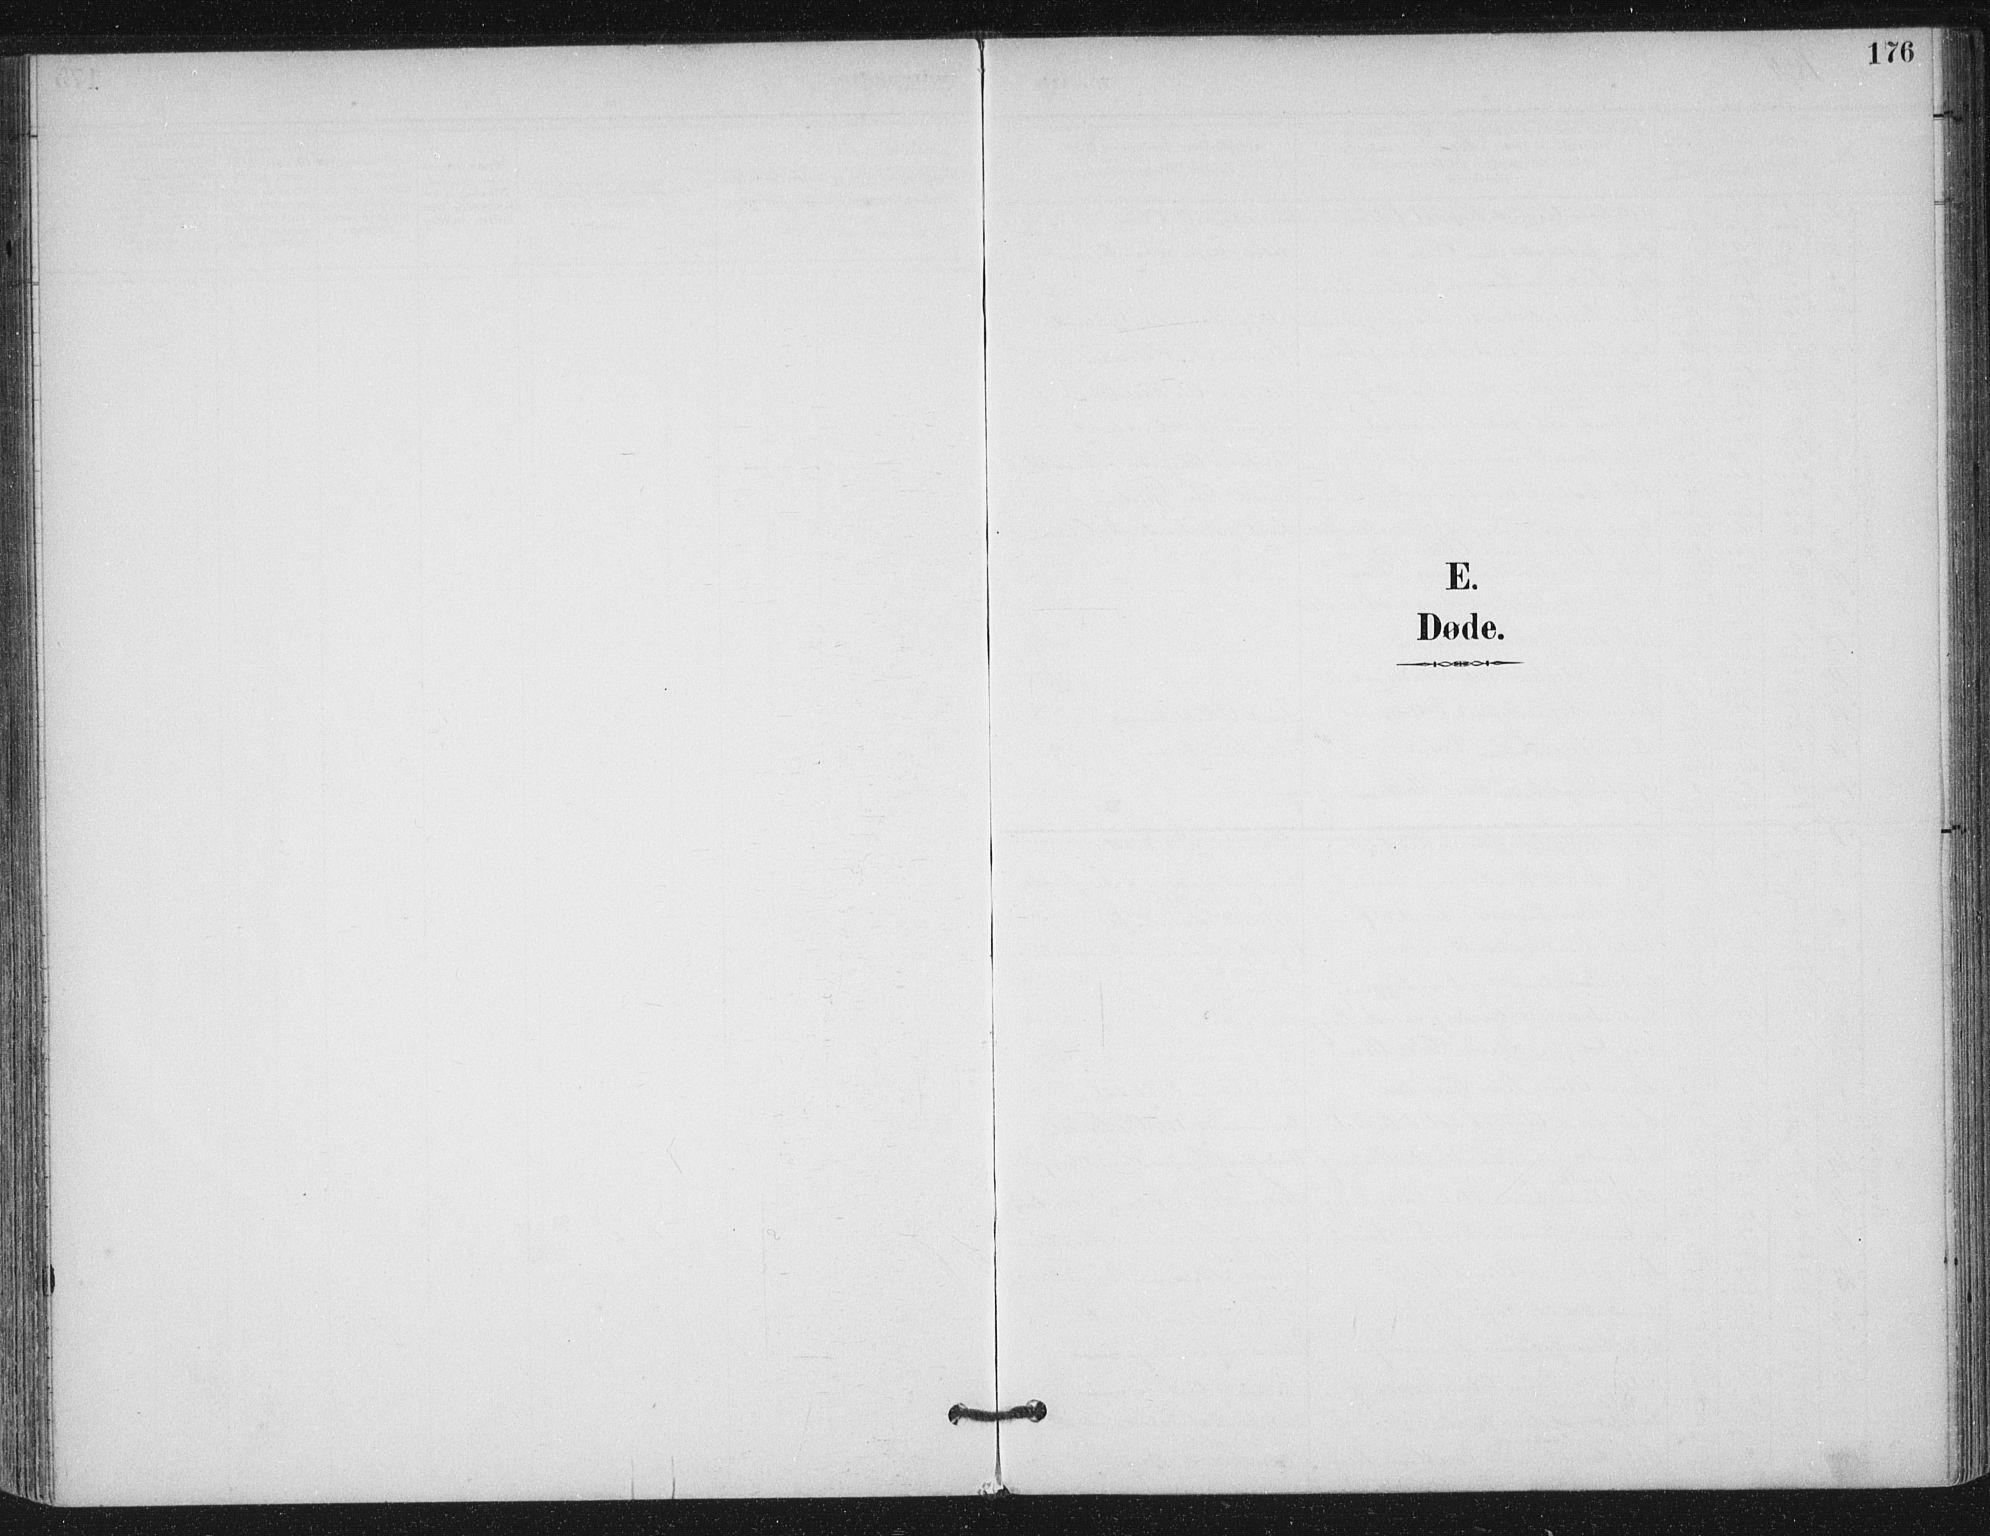 SAT, Ministerialprotokoller, klokkerbøker og fødselsregistre - Møre og Romsdal, 529/L0457: Ministerialbok nr. 529A07, 1894-1903, s. 176